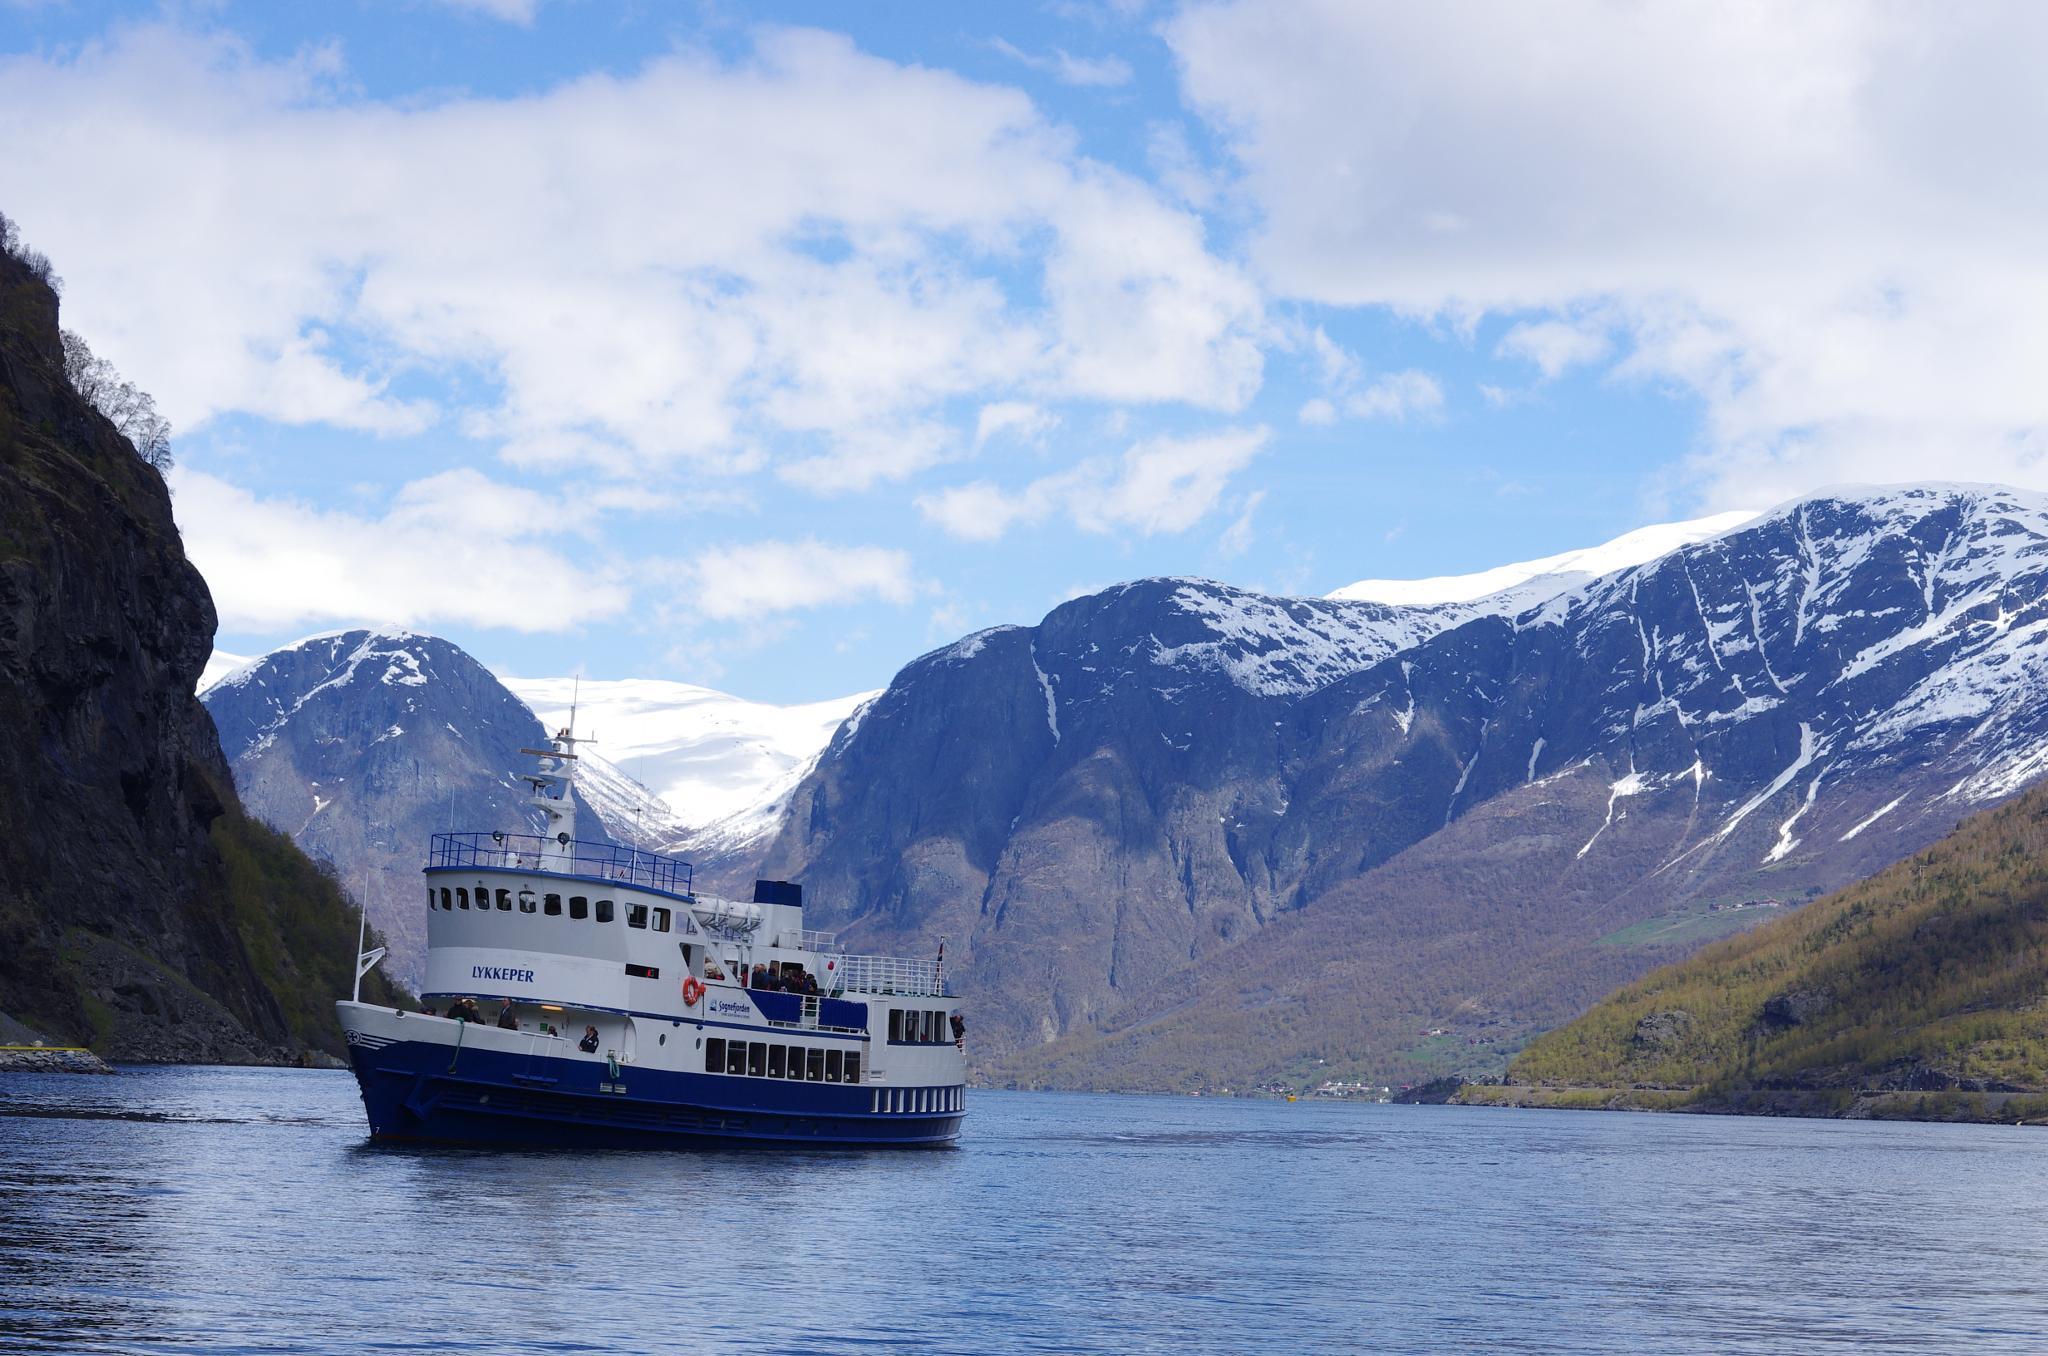 Beautiful Norway by Sjoerd Weiland